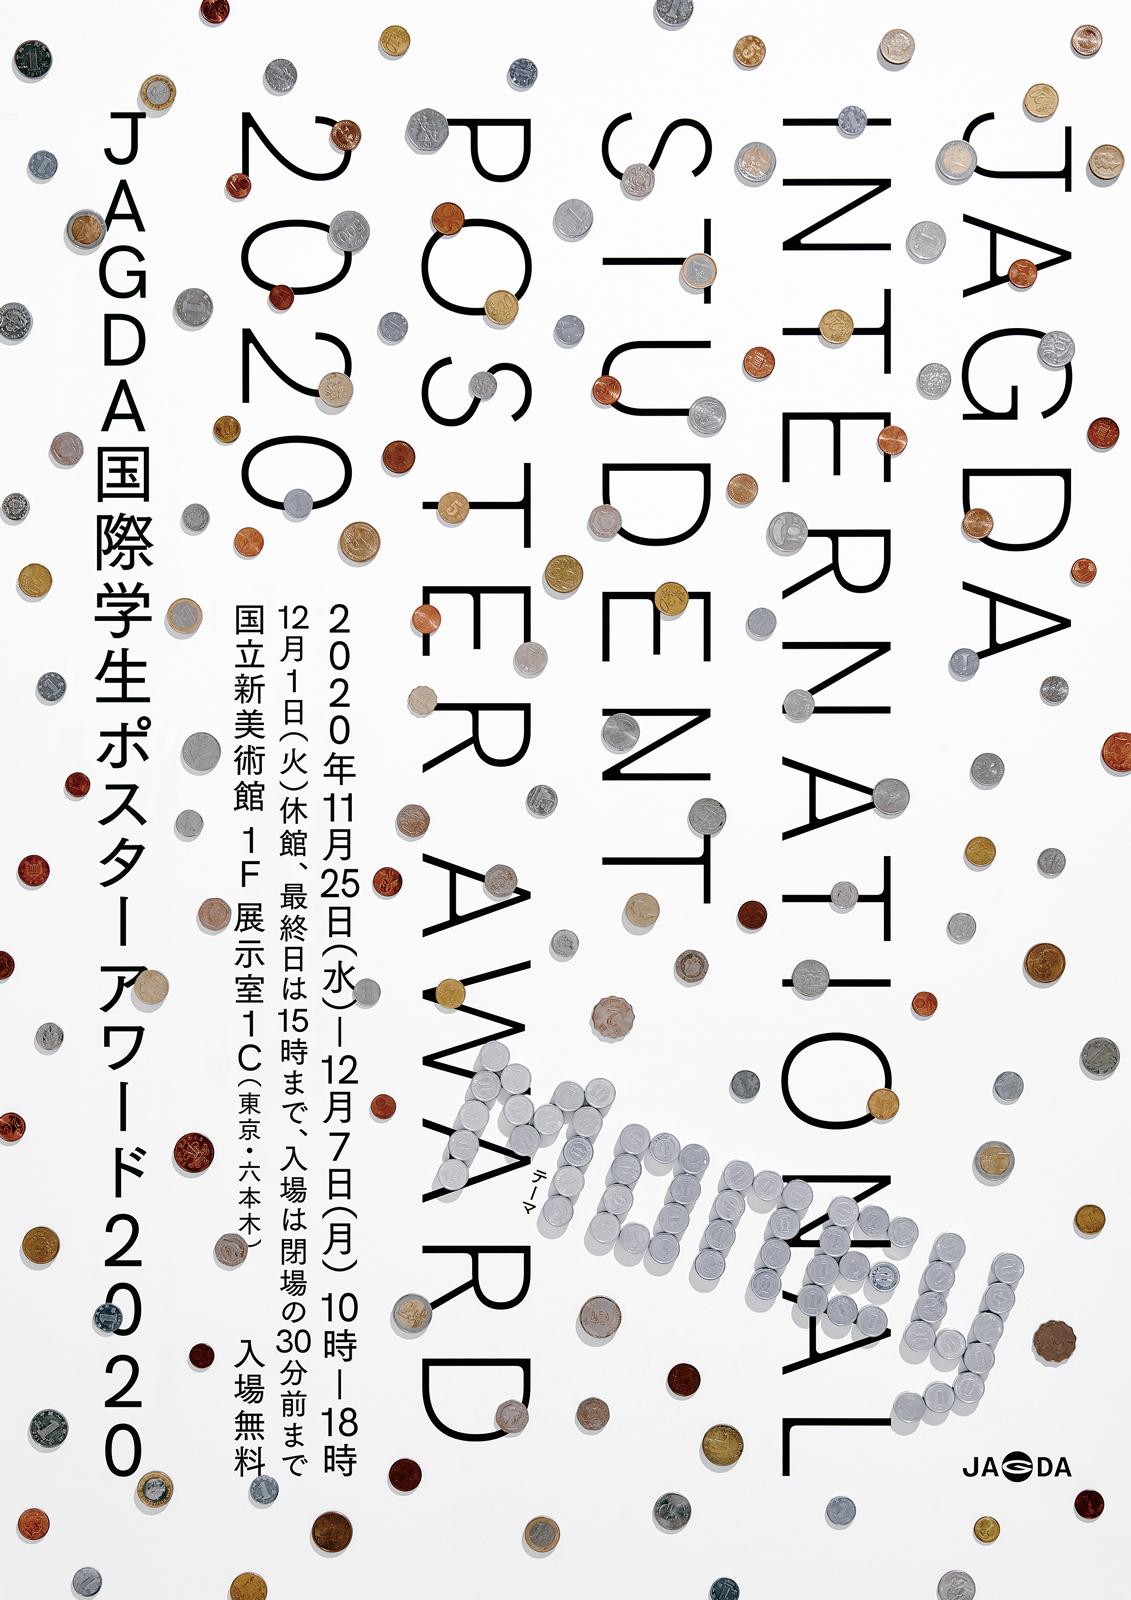 展覧会「JAGDA国際学生ポスターアワード2020」開催